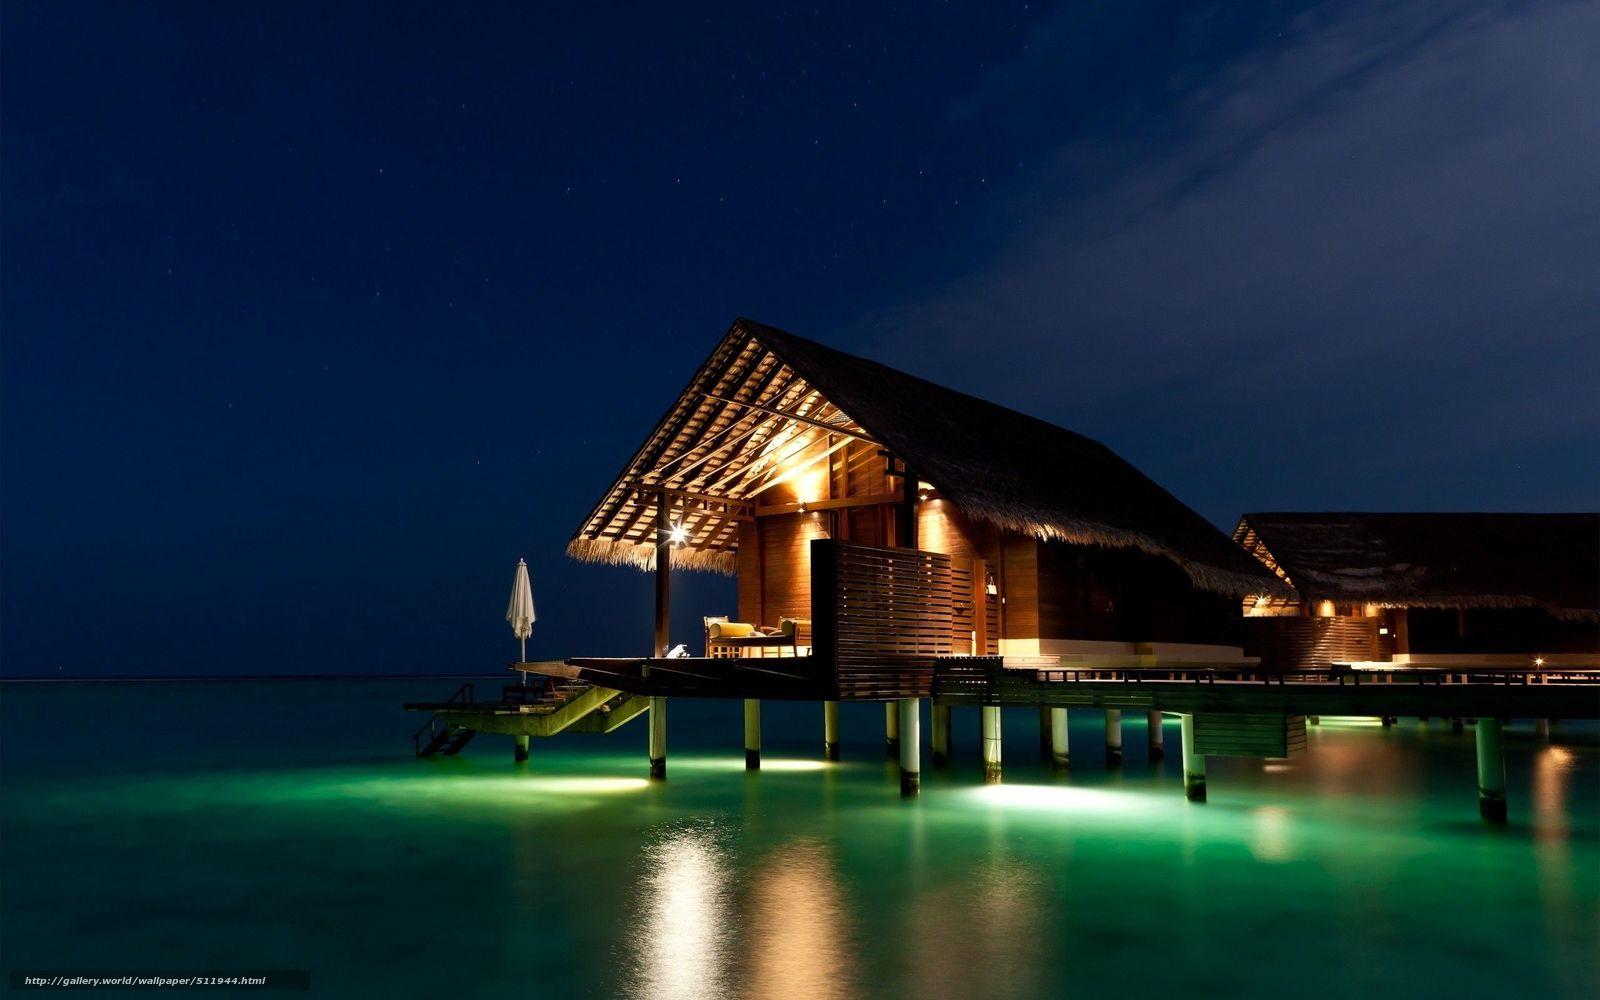 Обои Для Рабочего Стола Мальдивы Скачать